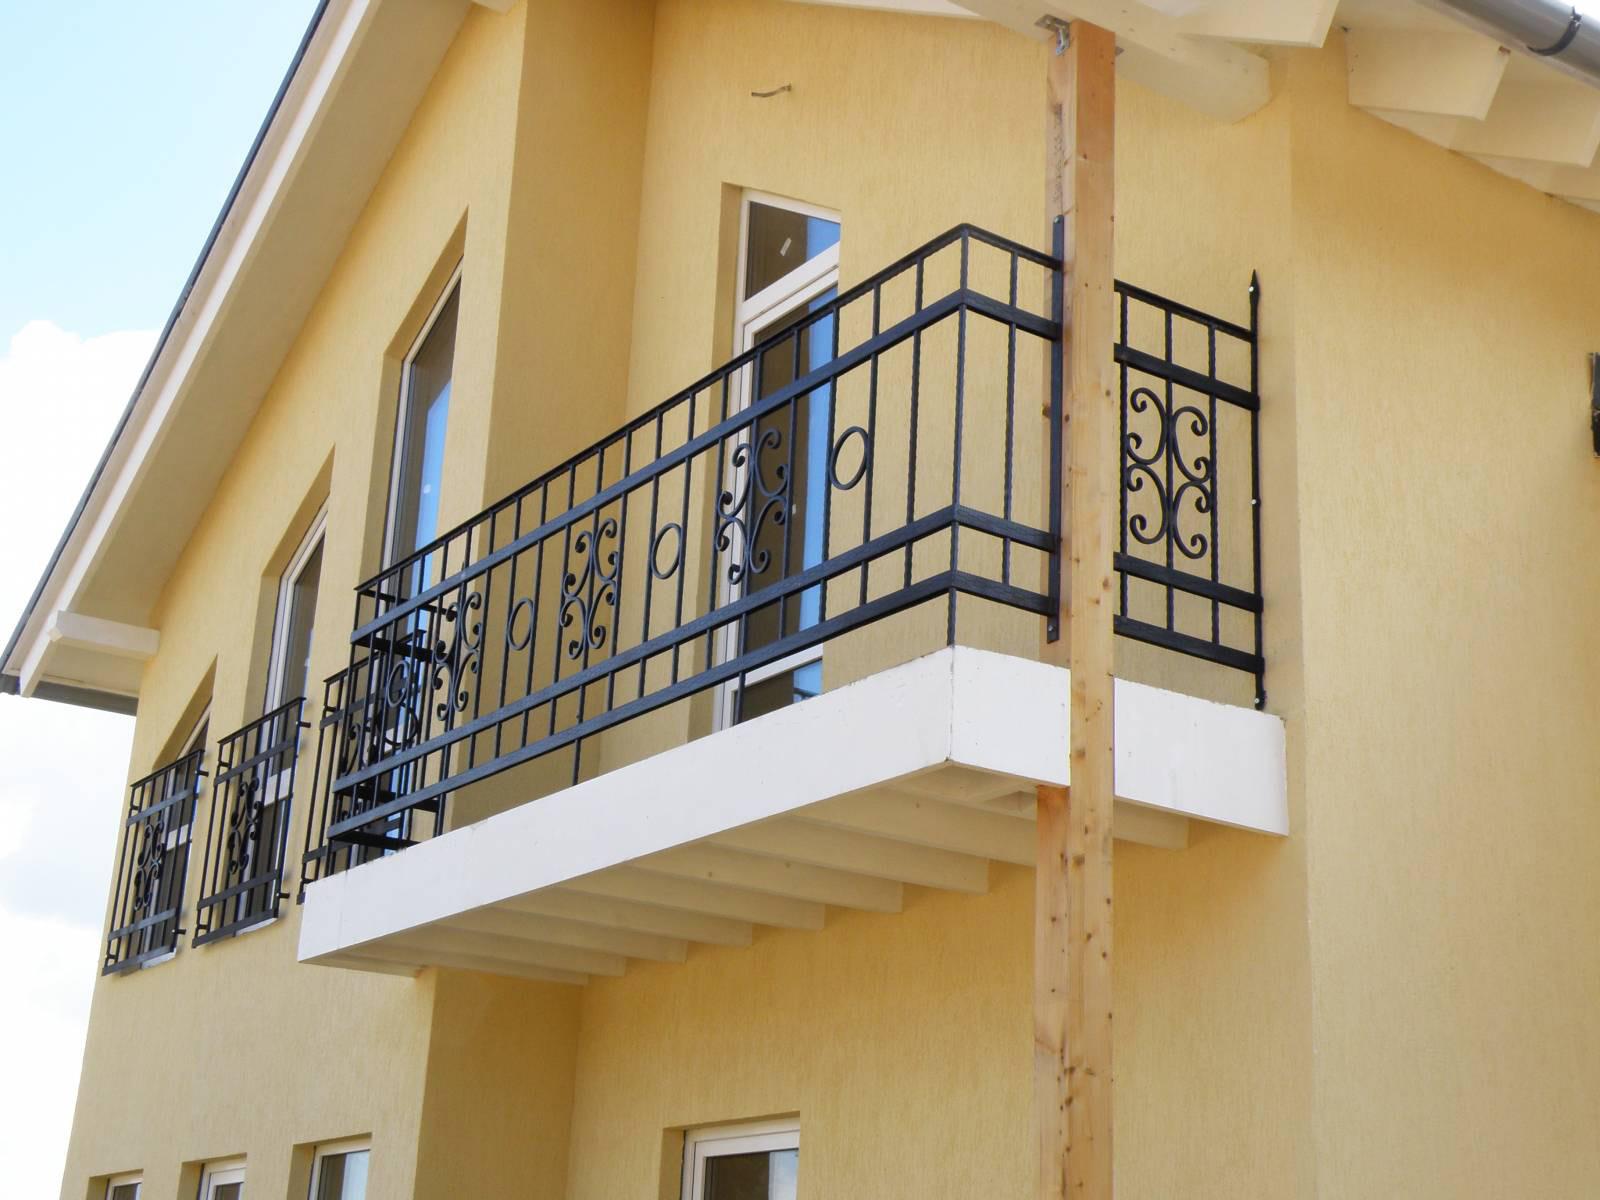 Балконные ограждения и балконы кованые купить в омске. кован.